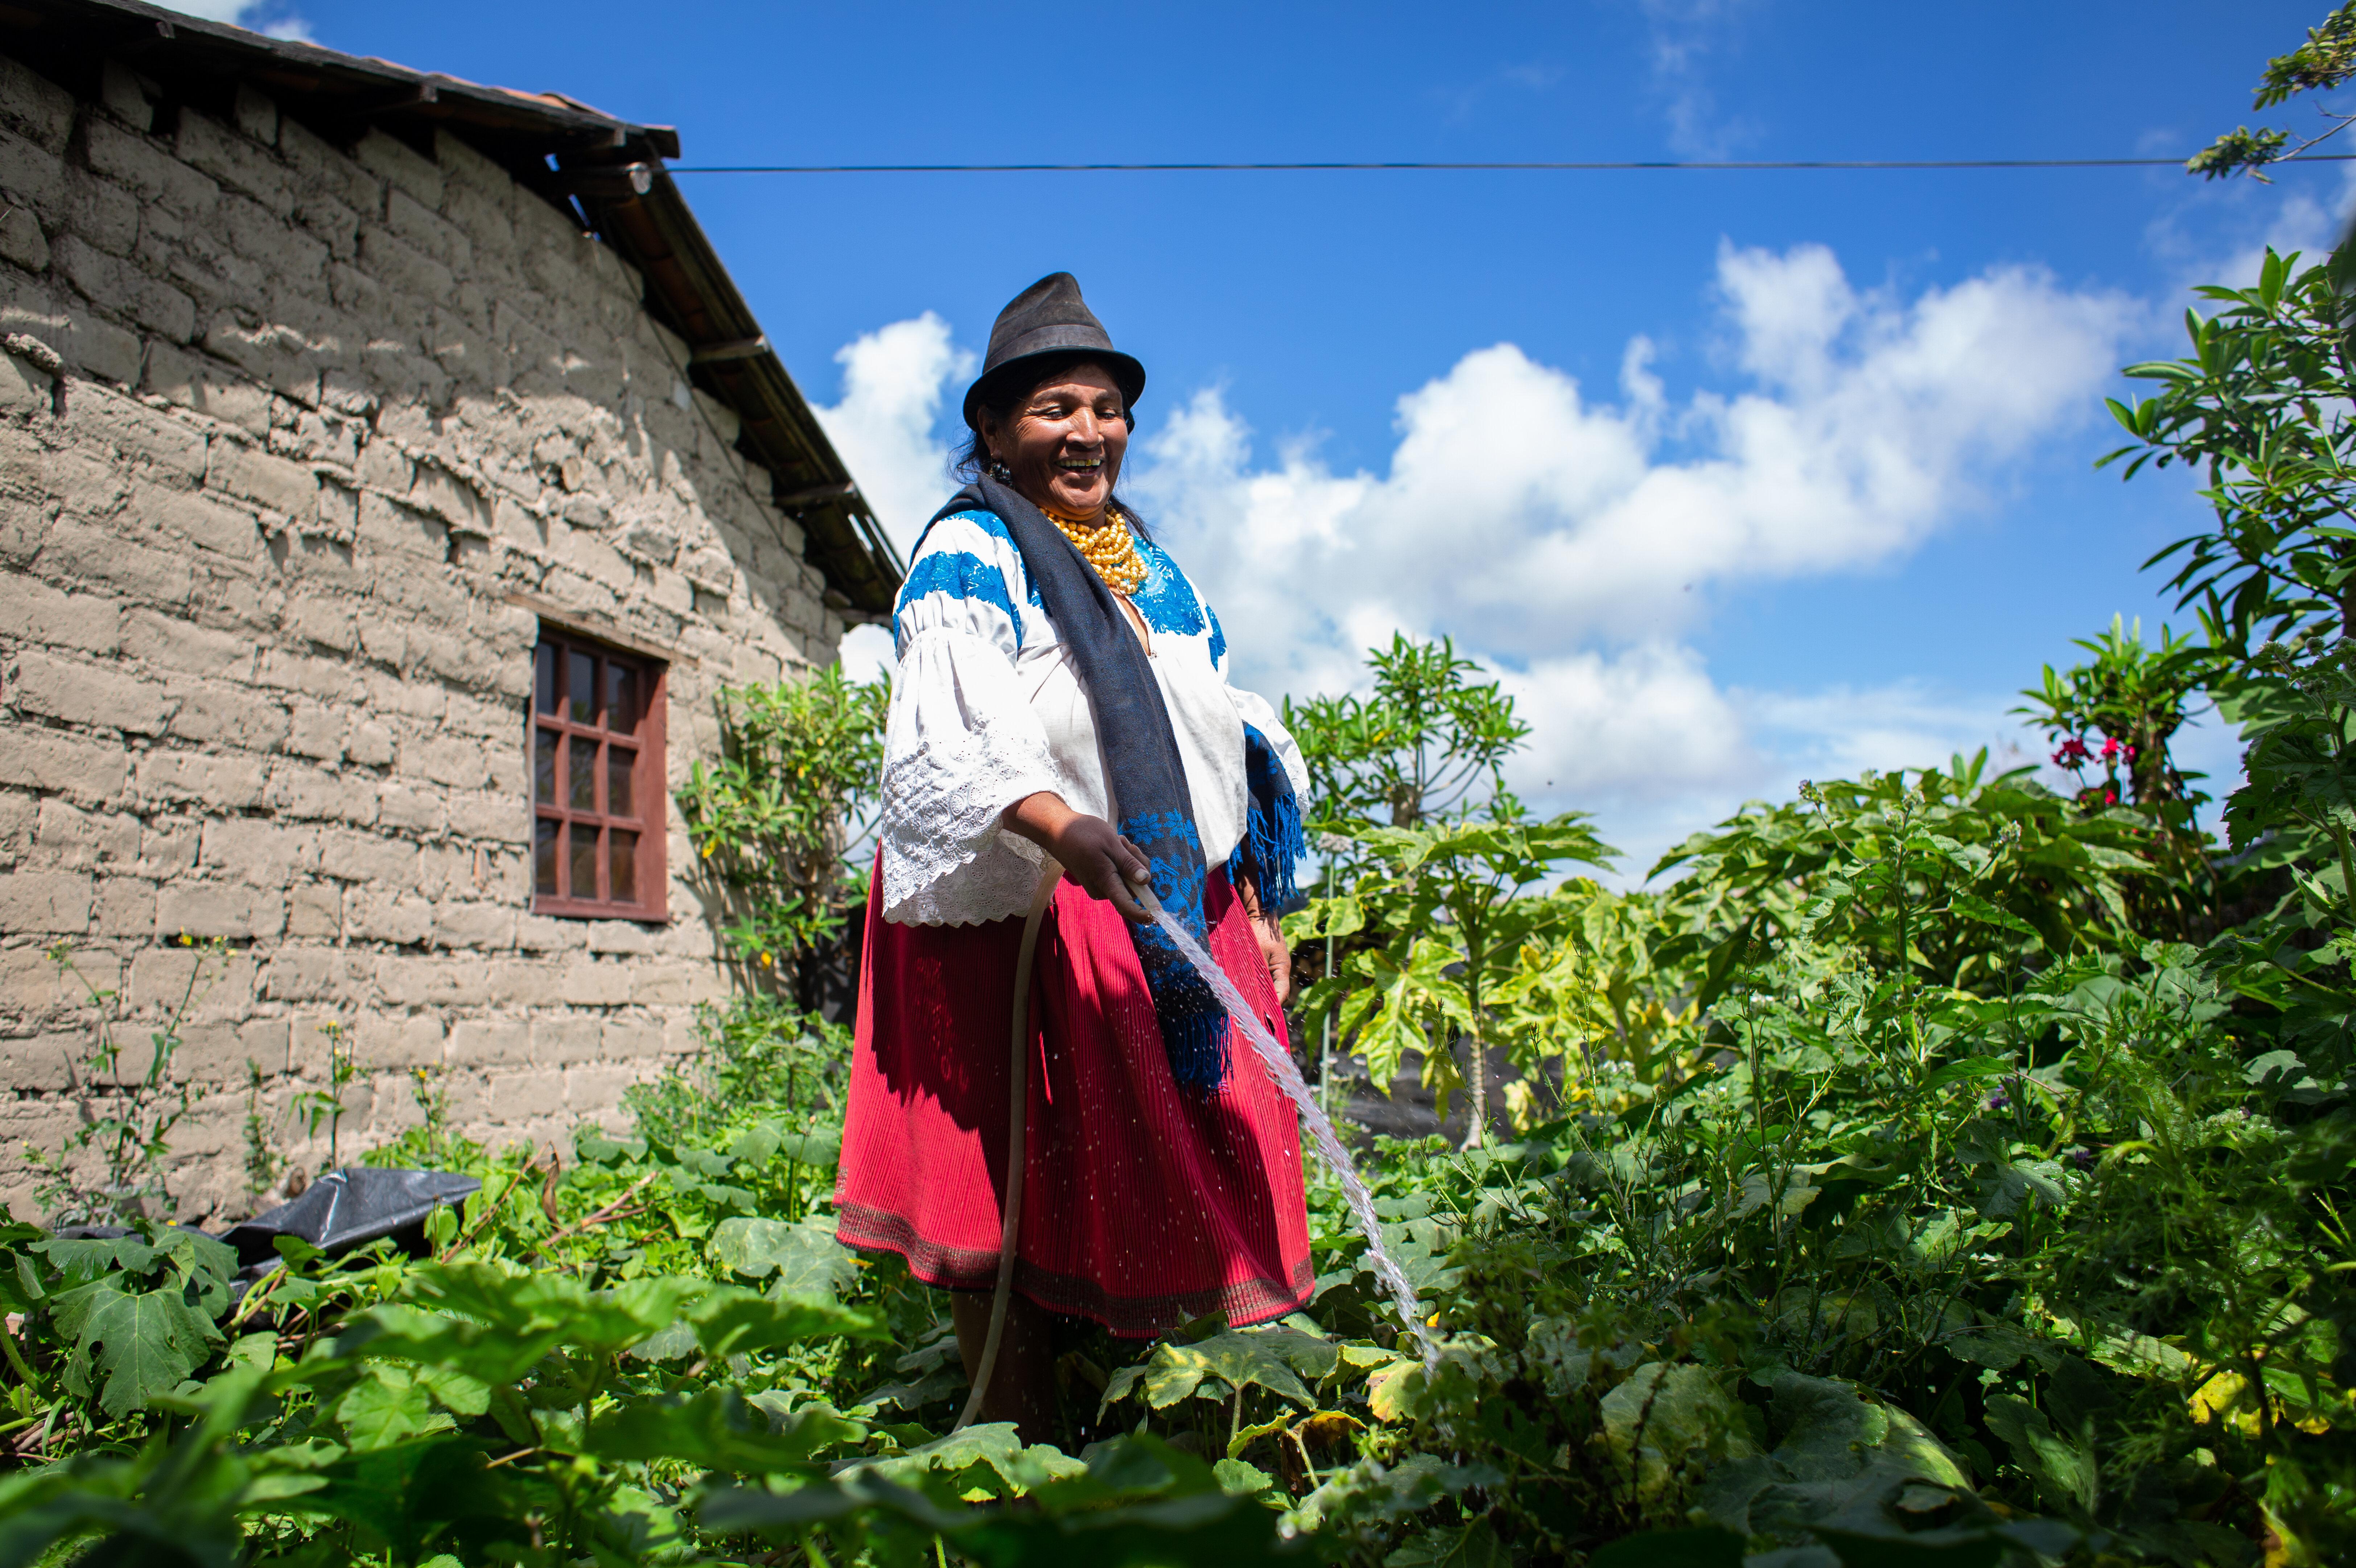 Eine Frau in traditioneller Kleidung gießt mit einem Wasserschlauch ihre Pflanzen.